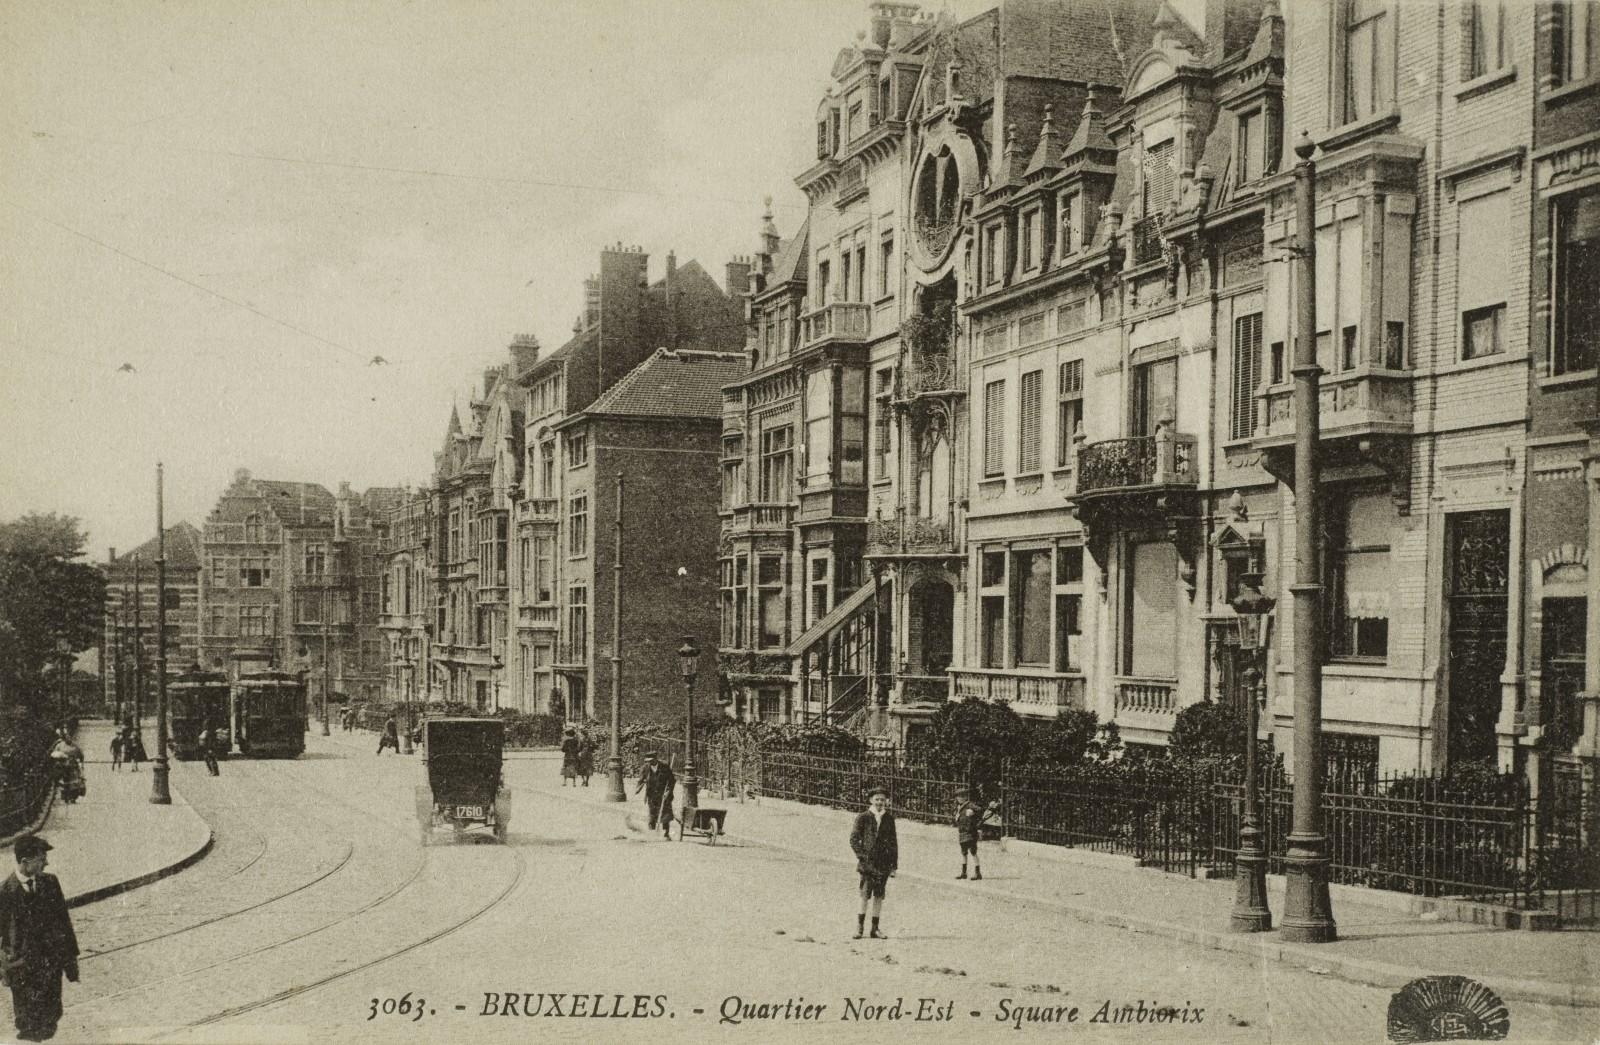 Vue du square Ambiorix (Collection de Dexia Banque, s.d.).